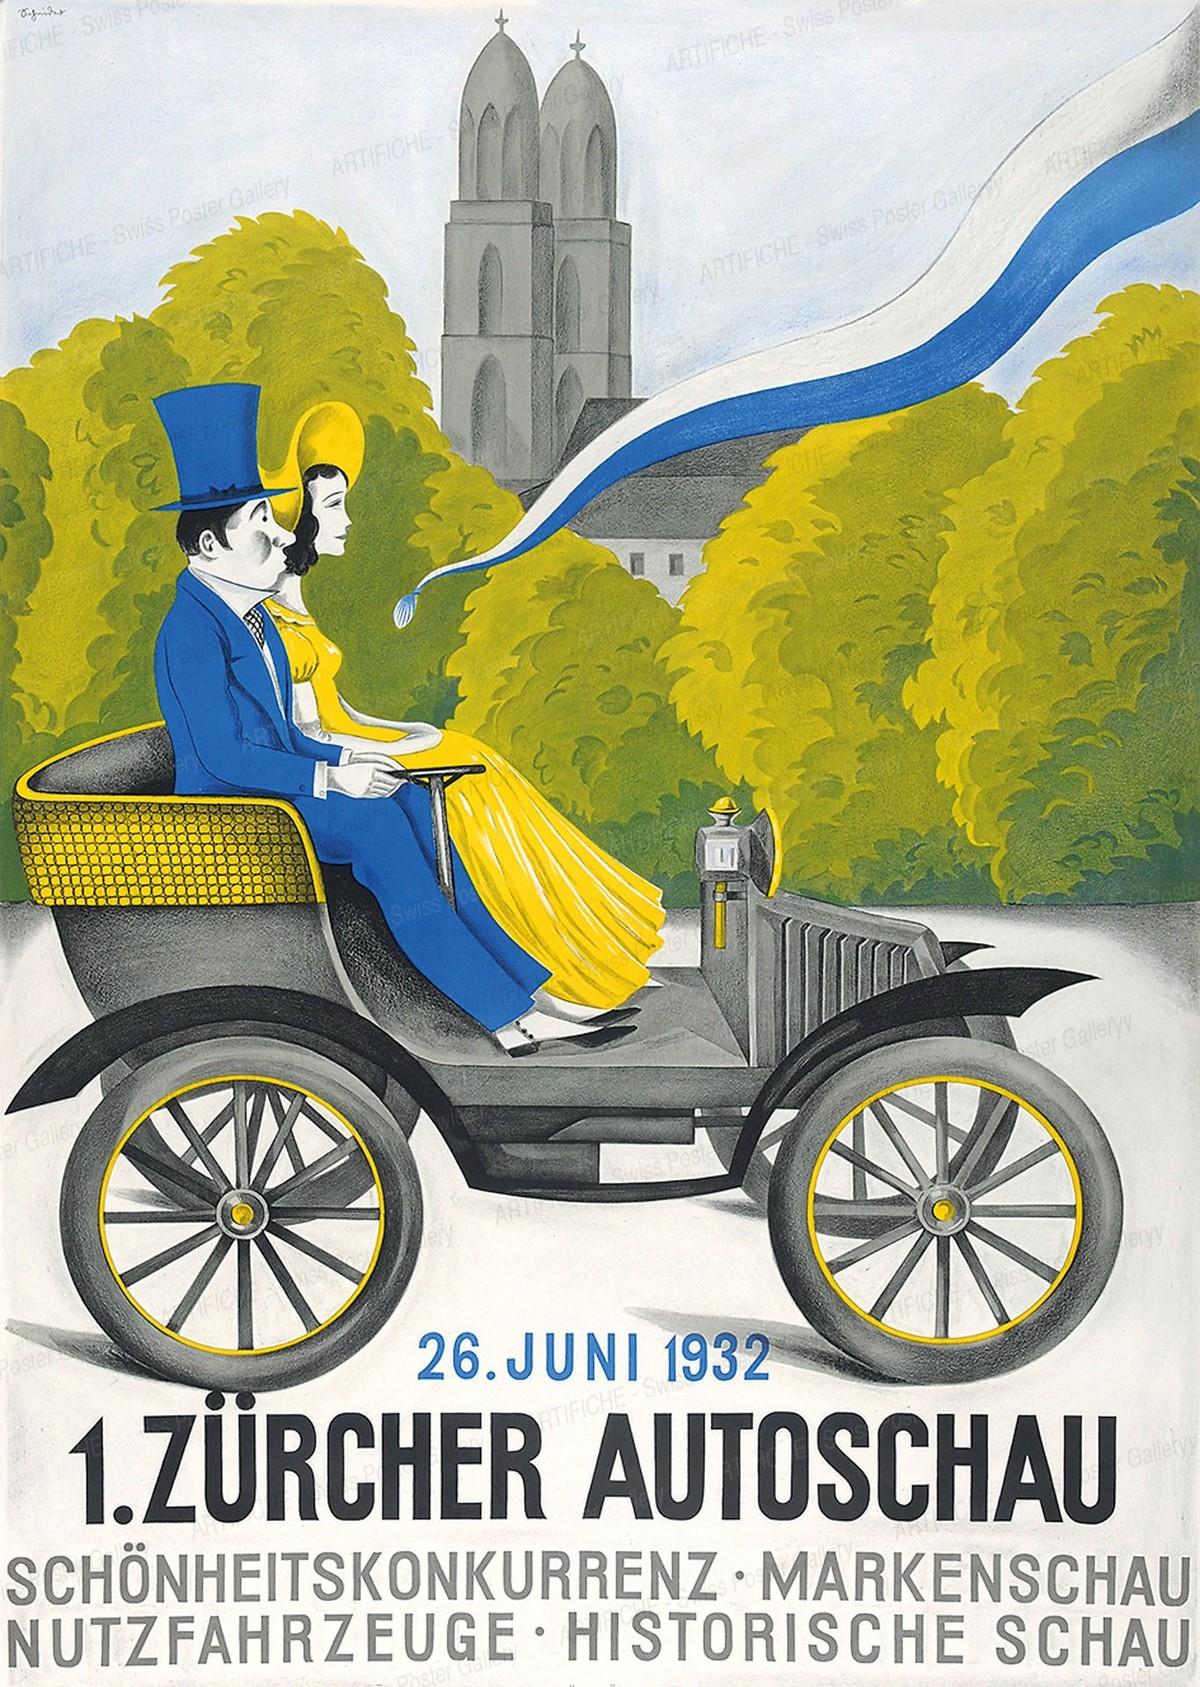 1. Zürcher Autoschau 26. Juni 1932, Artist unknown